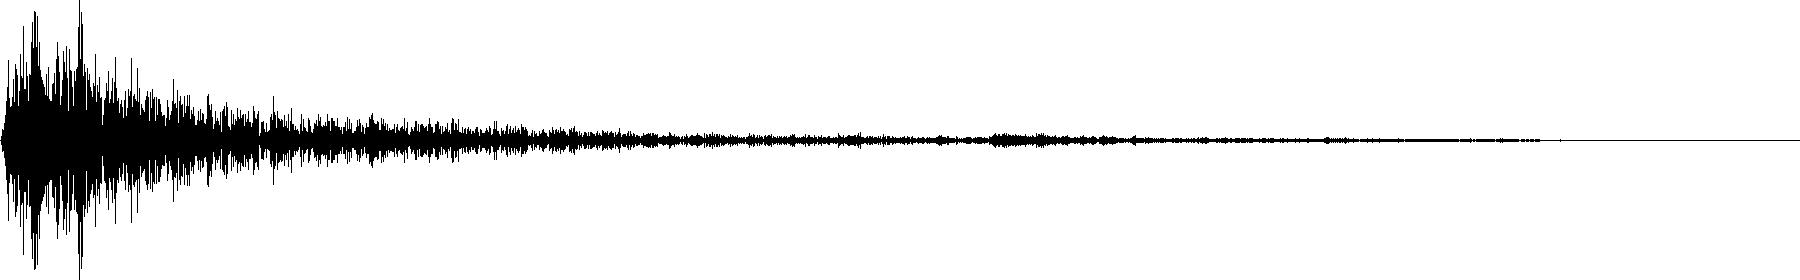 bluezone bc0210 tambourine 002